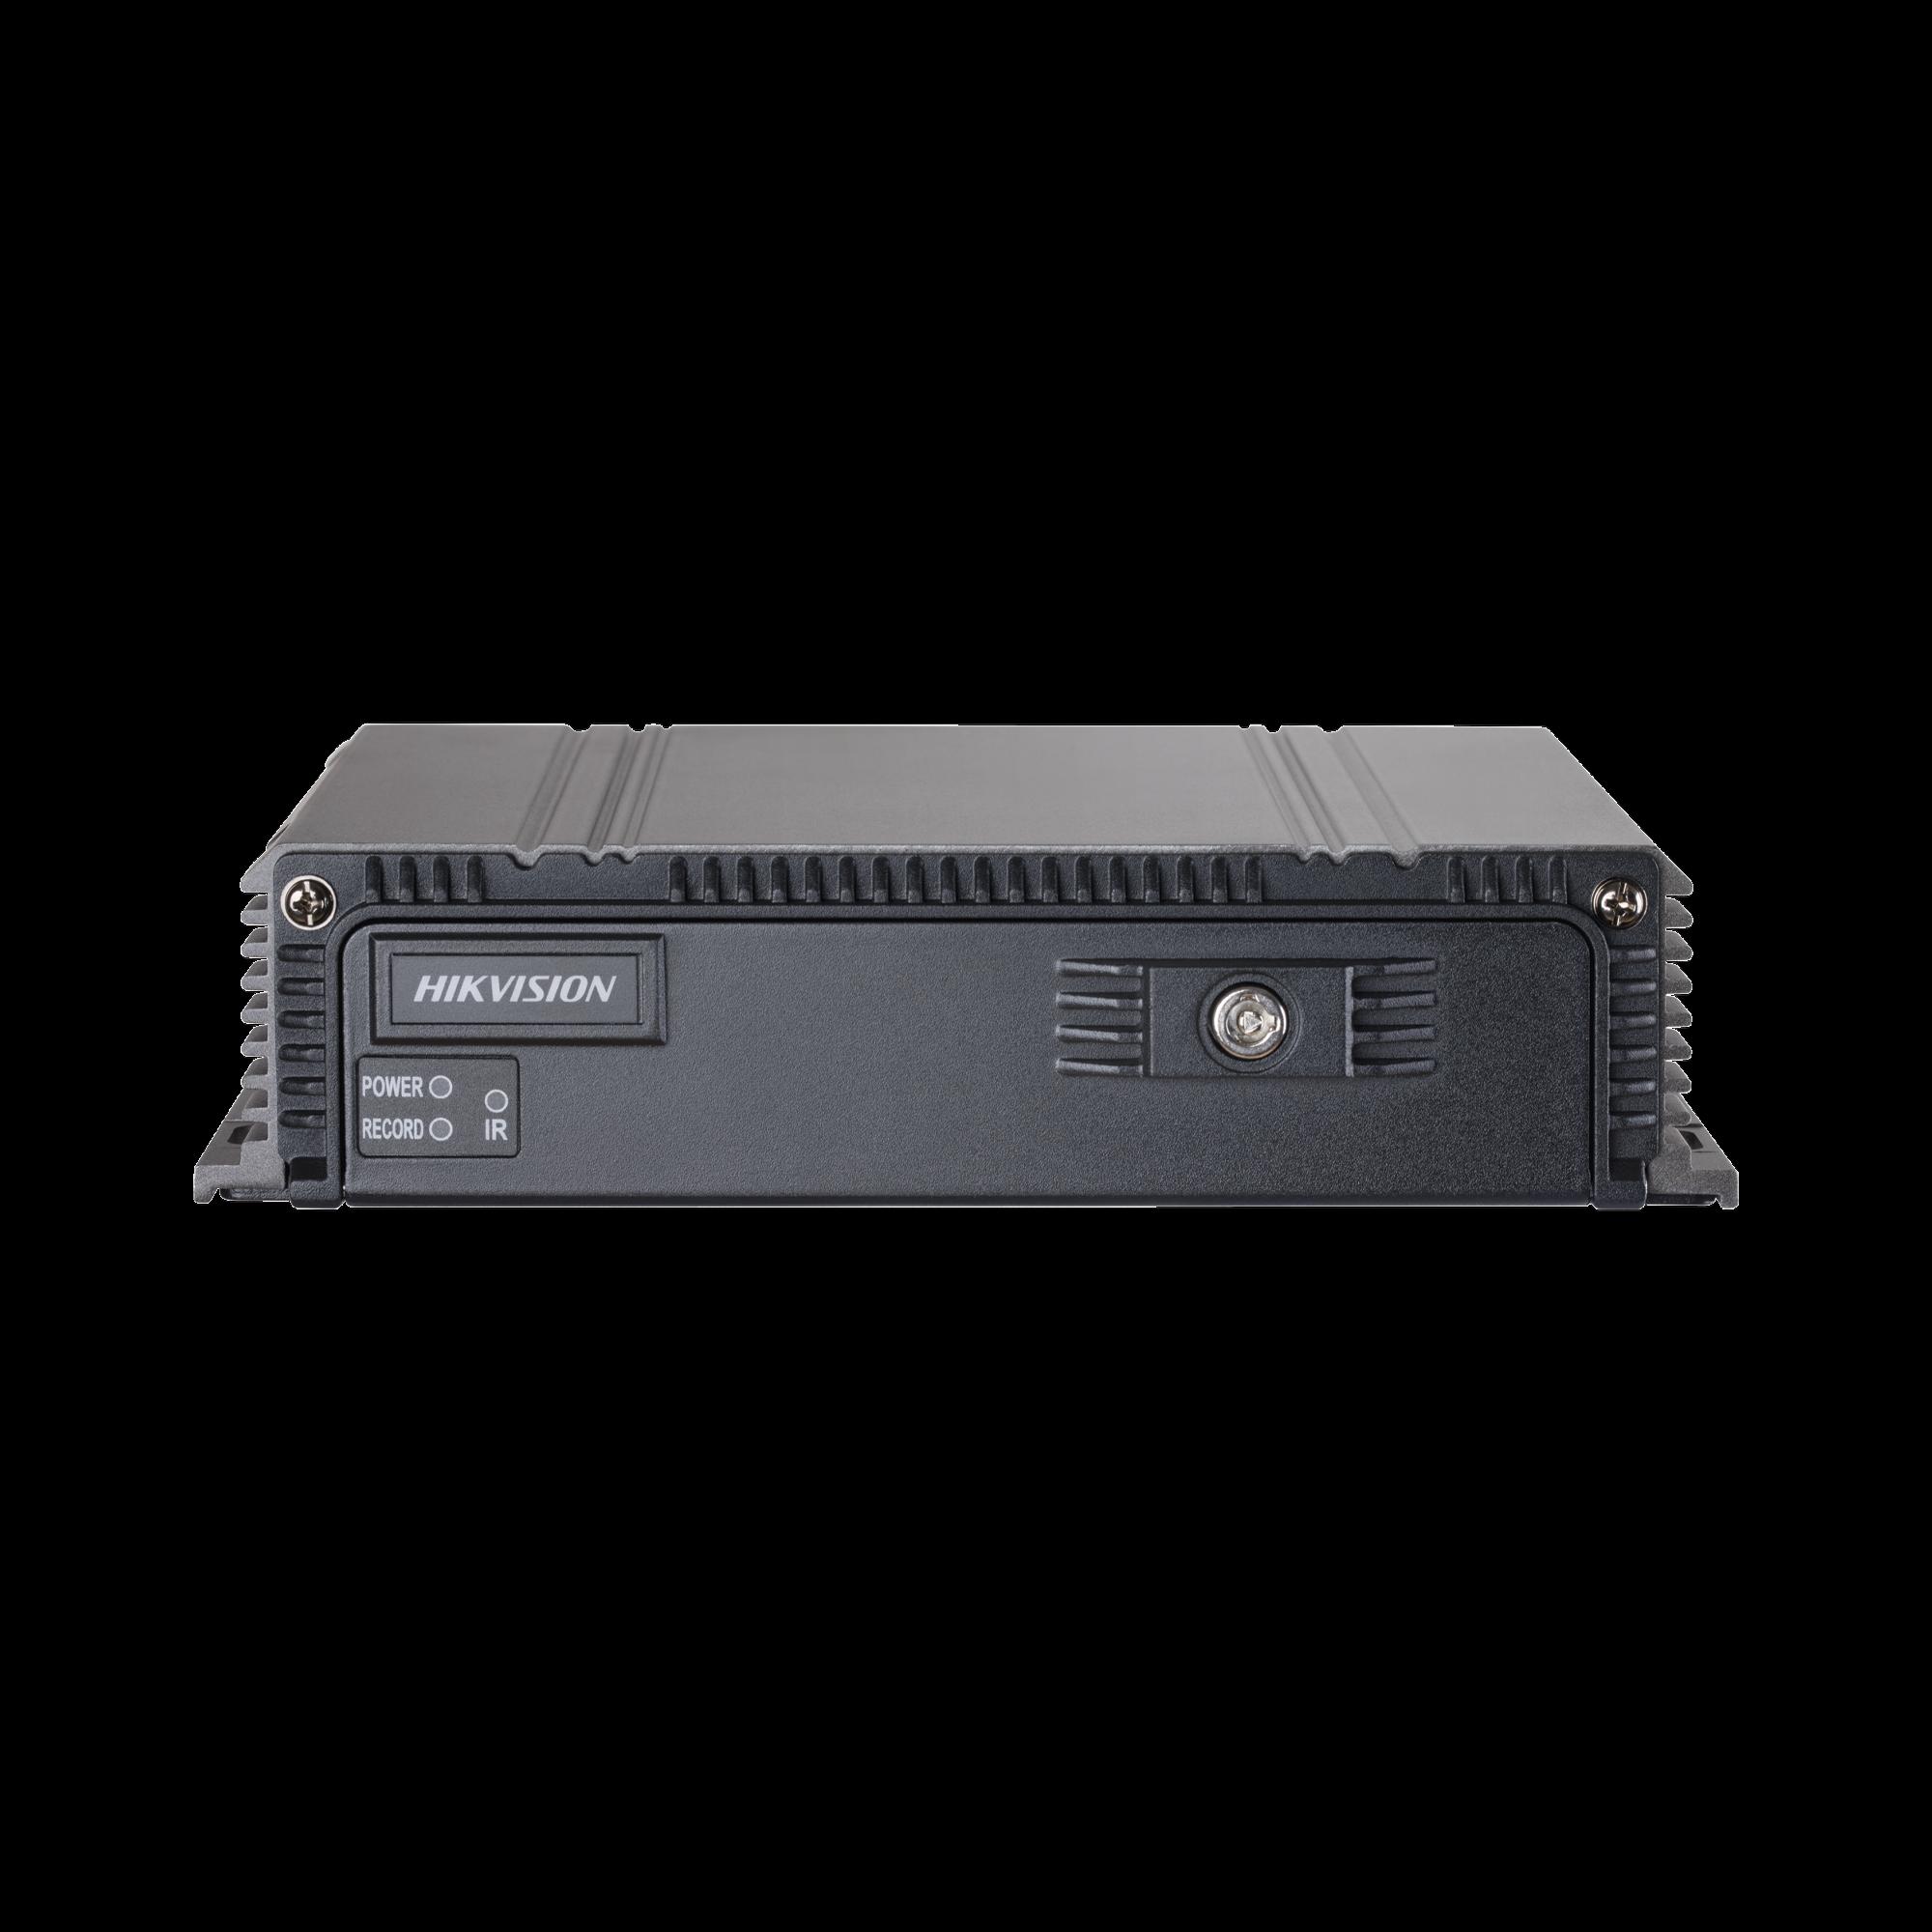 DVR Móvil 1080P / 4 Canales TURBO + 4 Canales IP / Soporta 4G / WiFi / GPS / Soporta Memoria SD